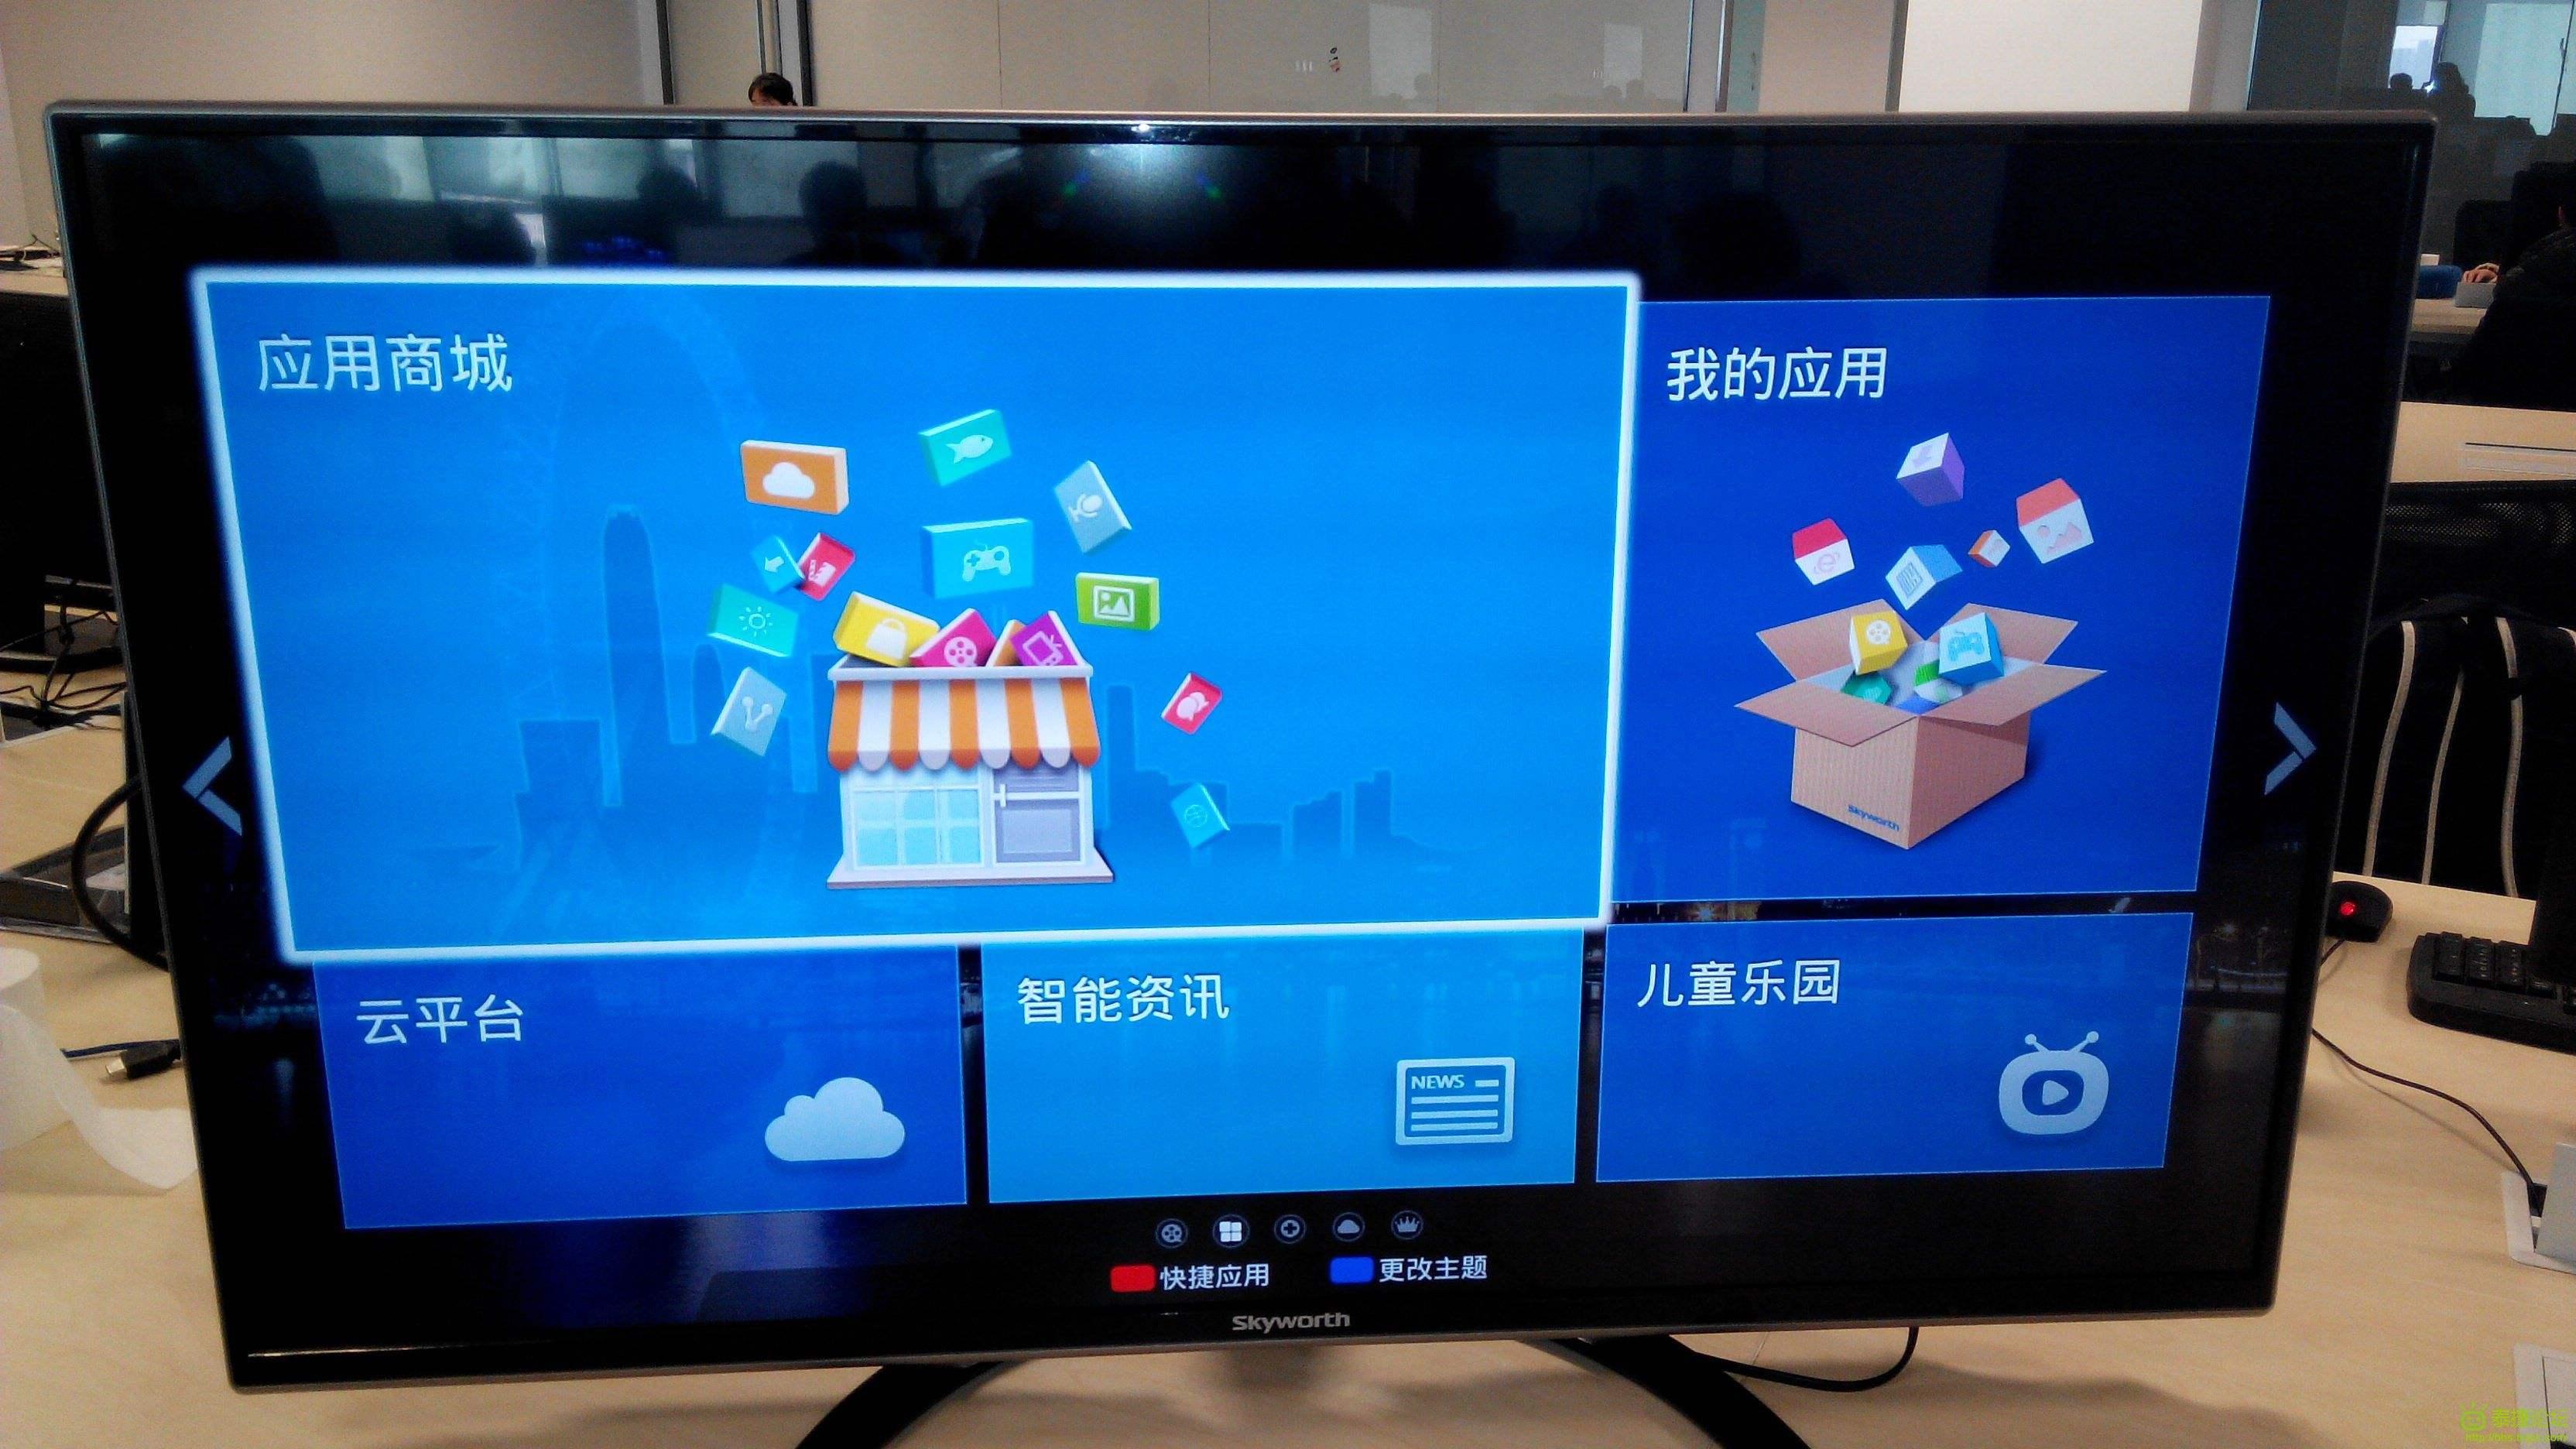 液晶电视从签收到安装 应该注意什么?